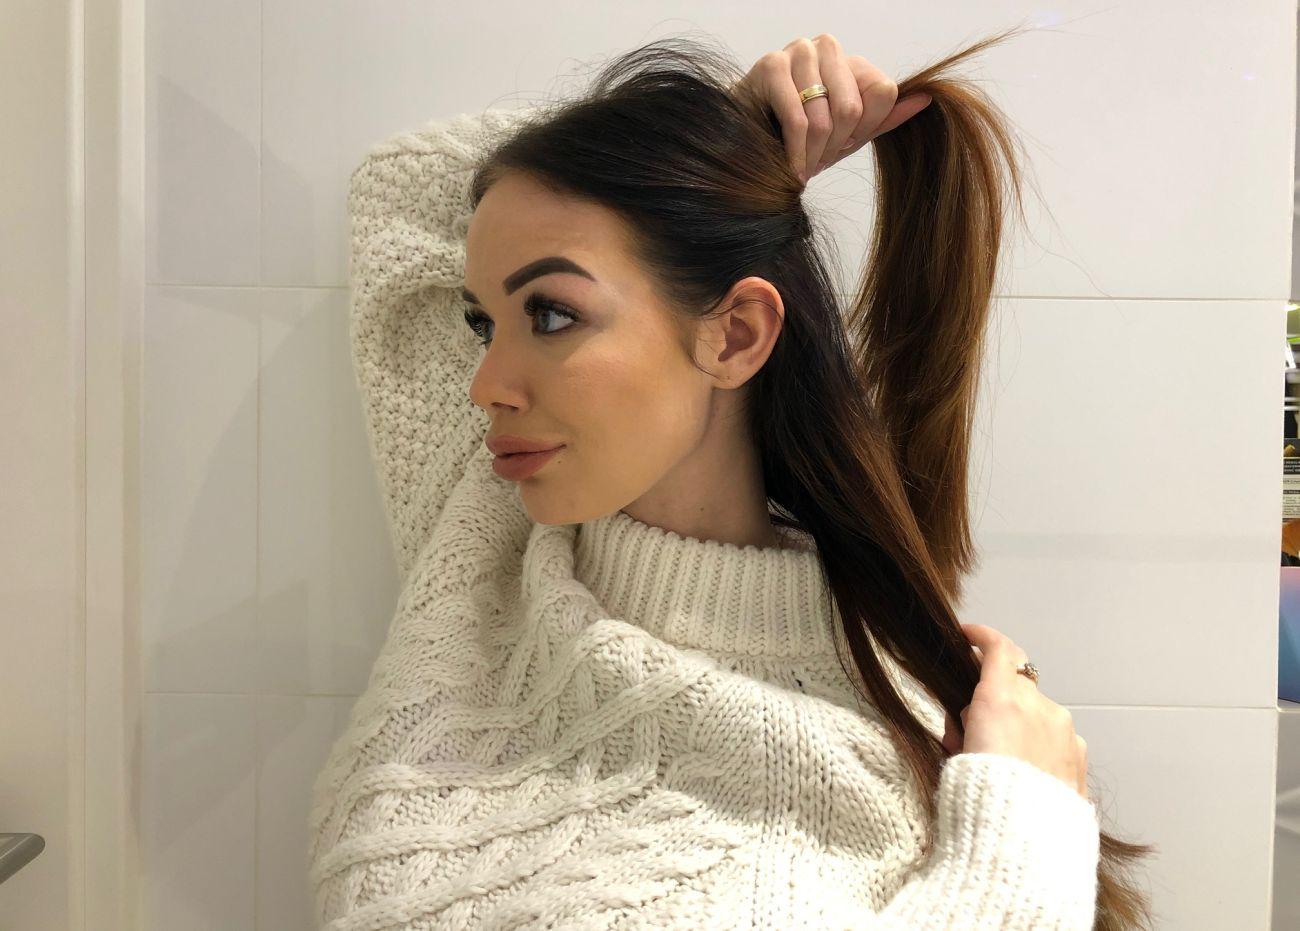 Robienie loków prostownicą - krok 6 - oddzielenie warstw włosów